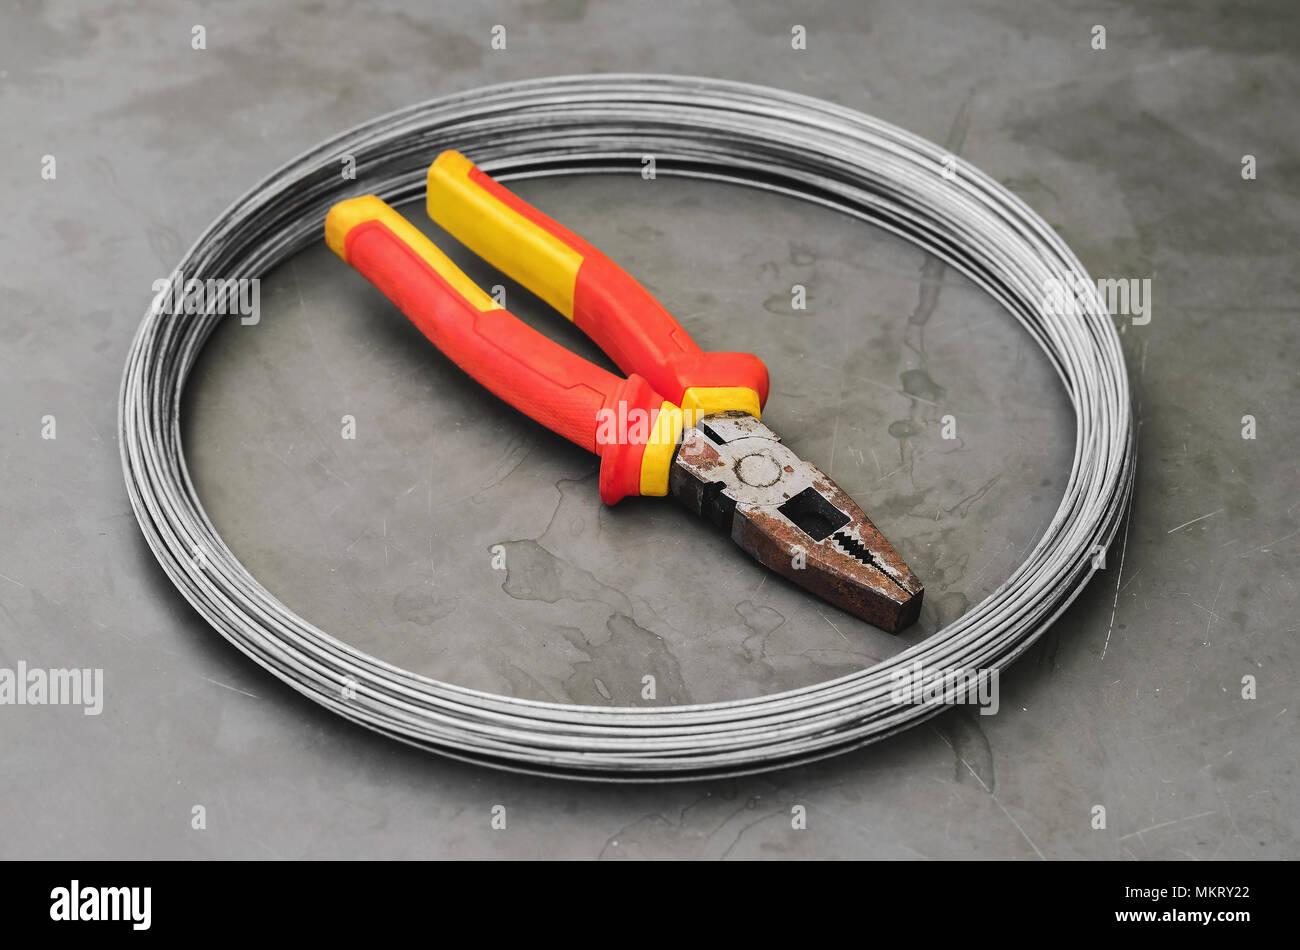 Steel Wire Roll Stockfotos & Steel Wire Roll Bilder - Seite 2 - Alamy